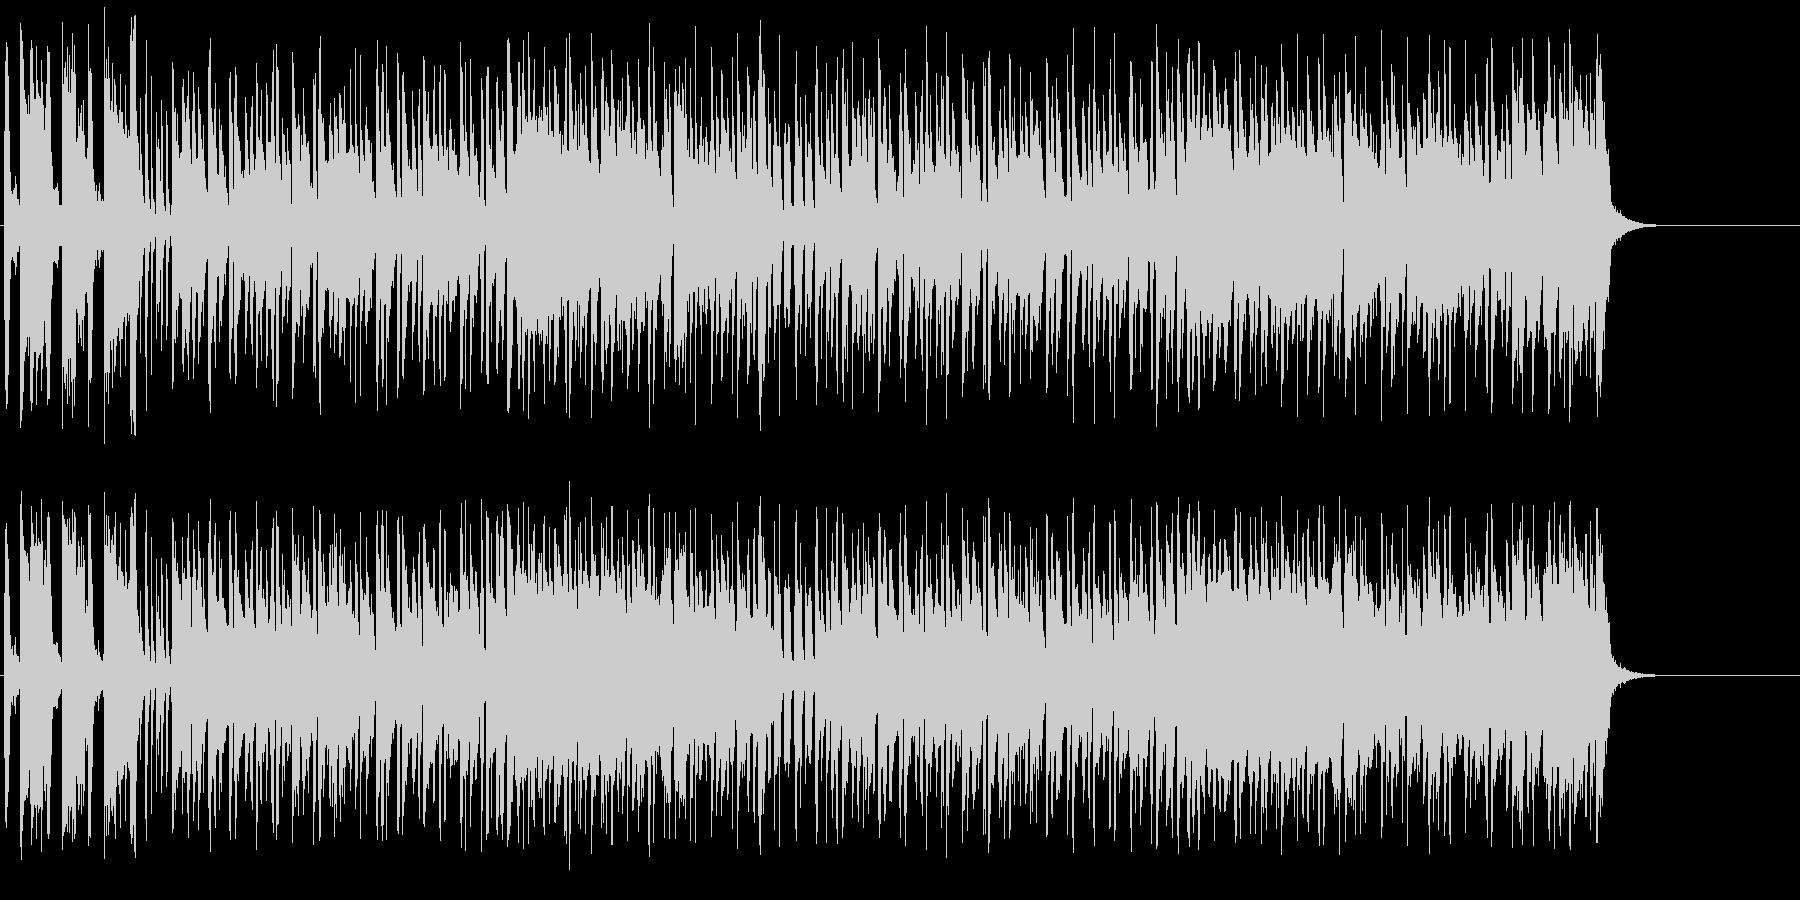 パリテイストの笑顔の似合うボサノバの未再生の波形